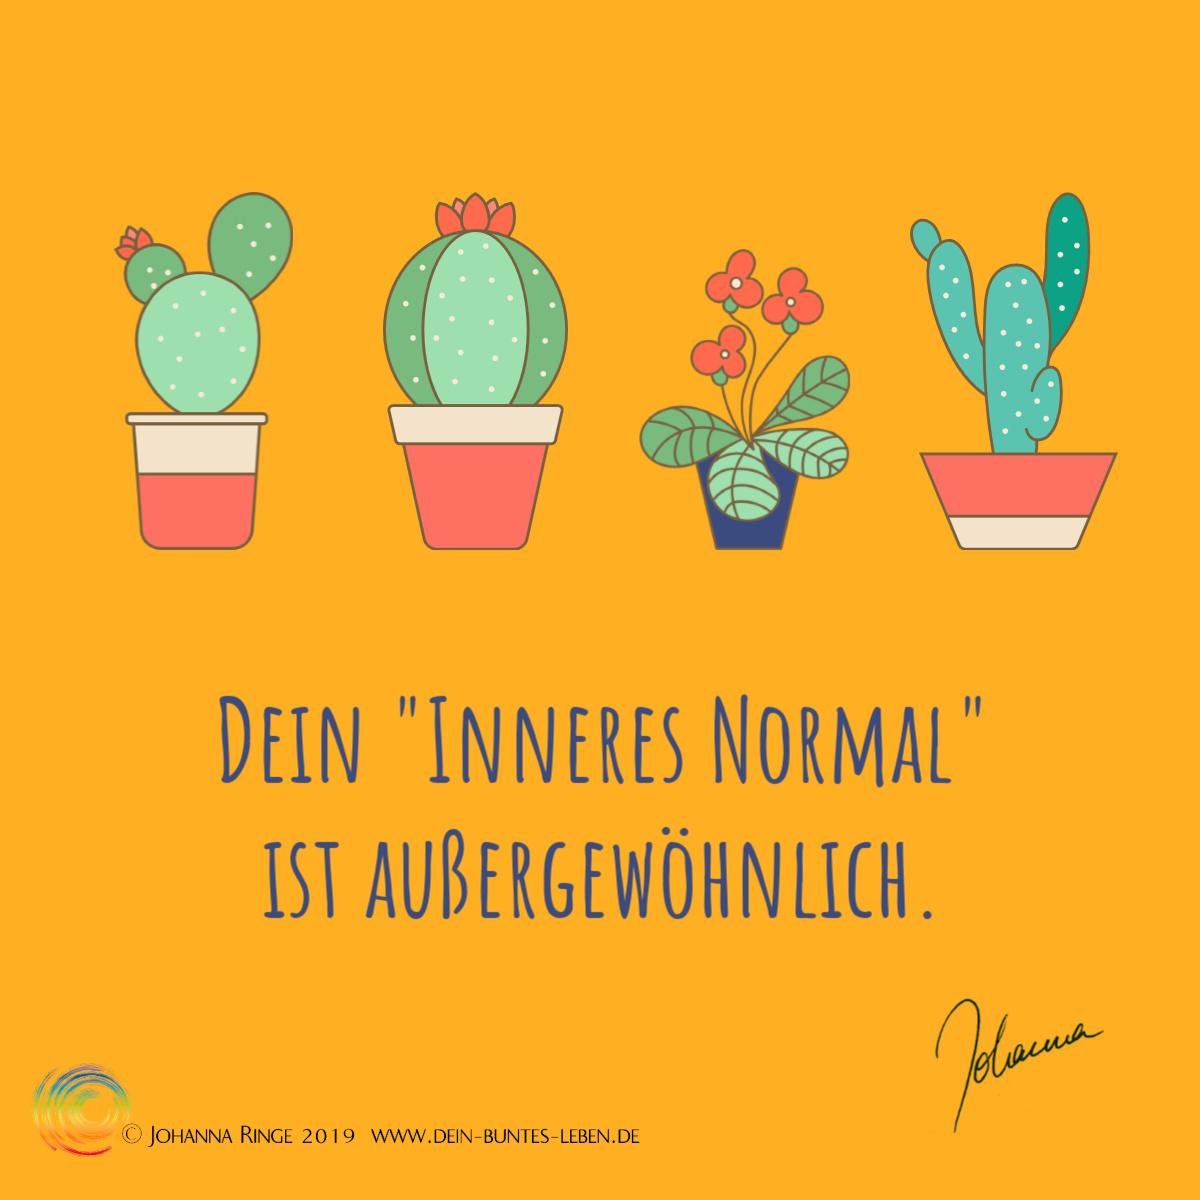 Dein Inneres Normal ist außergewöhnlich. 3 Kakteen und ein blühendes Alpenveilchen dazwischen. ©Johanna Ringe 2019 www.dein-buntes-leben.de